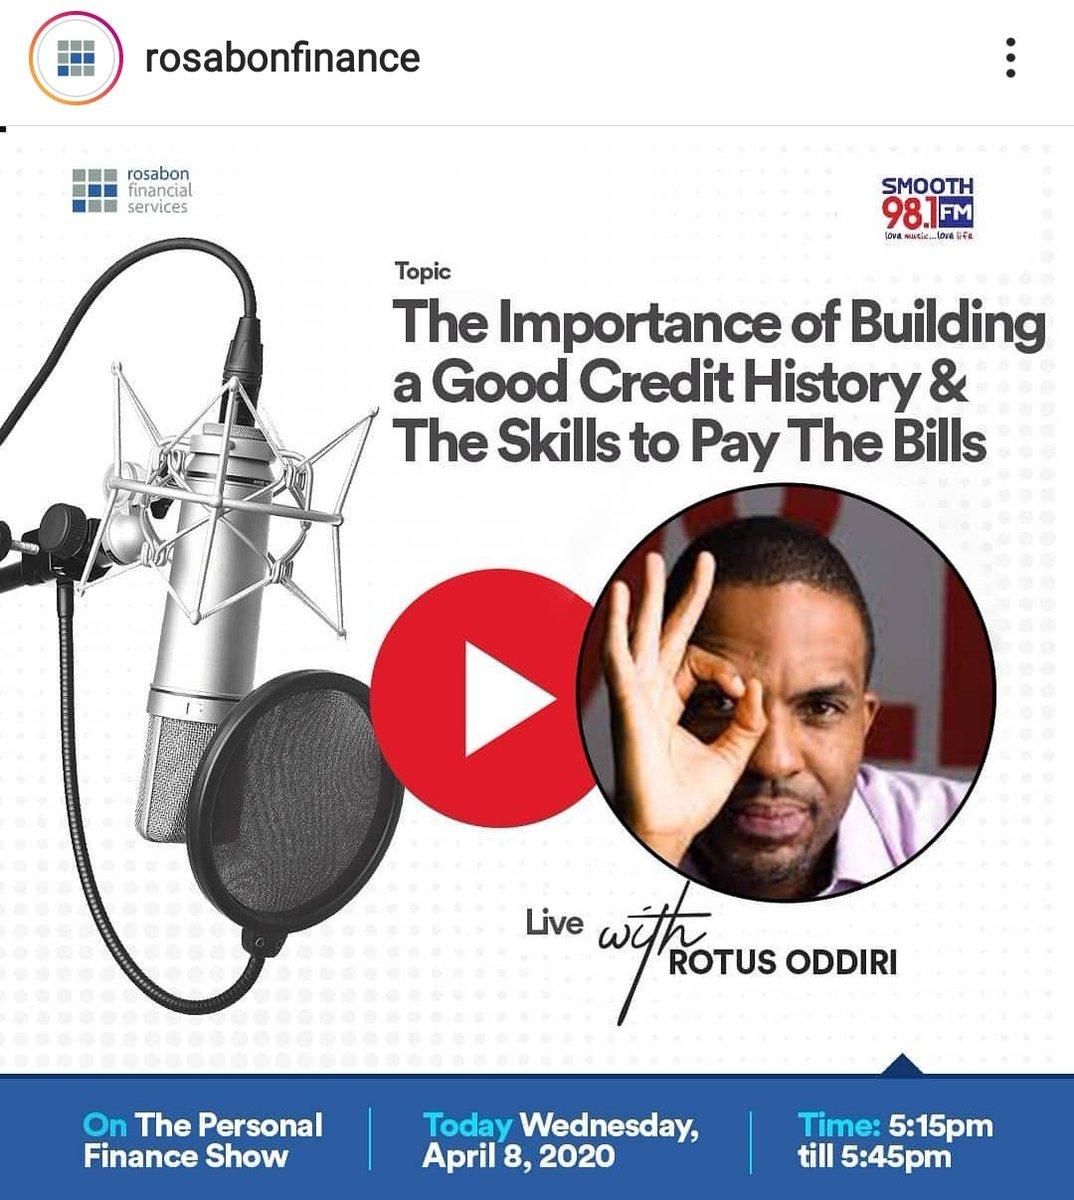 @Smooth981FM at 5:15pm via @RosabonNigeria 🤓📊📉📈 https://t.co/bAoHdH6VH3